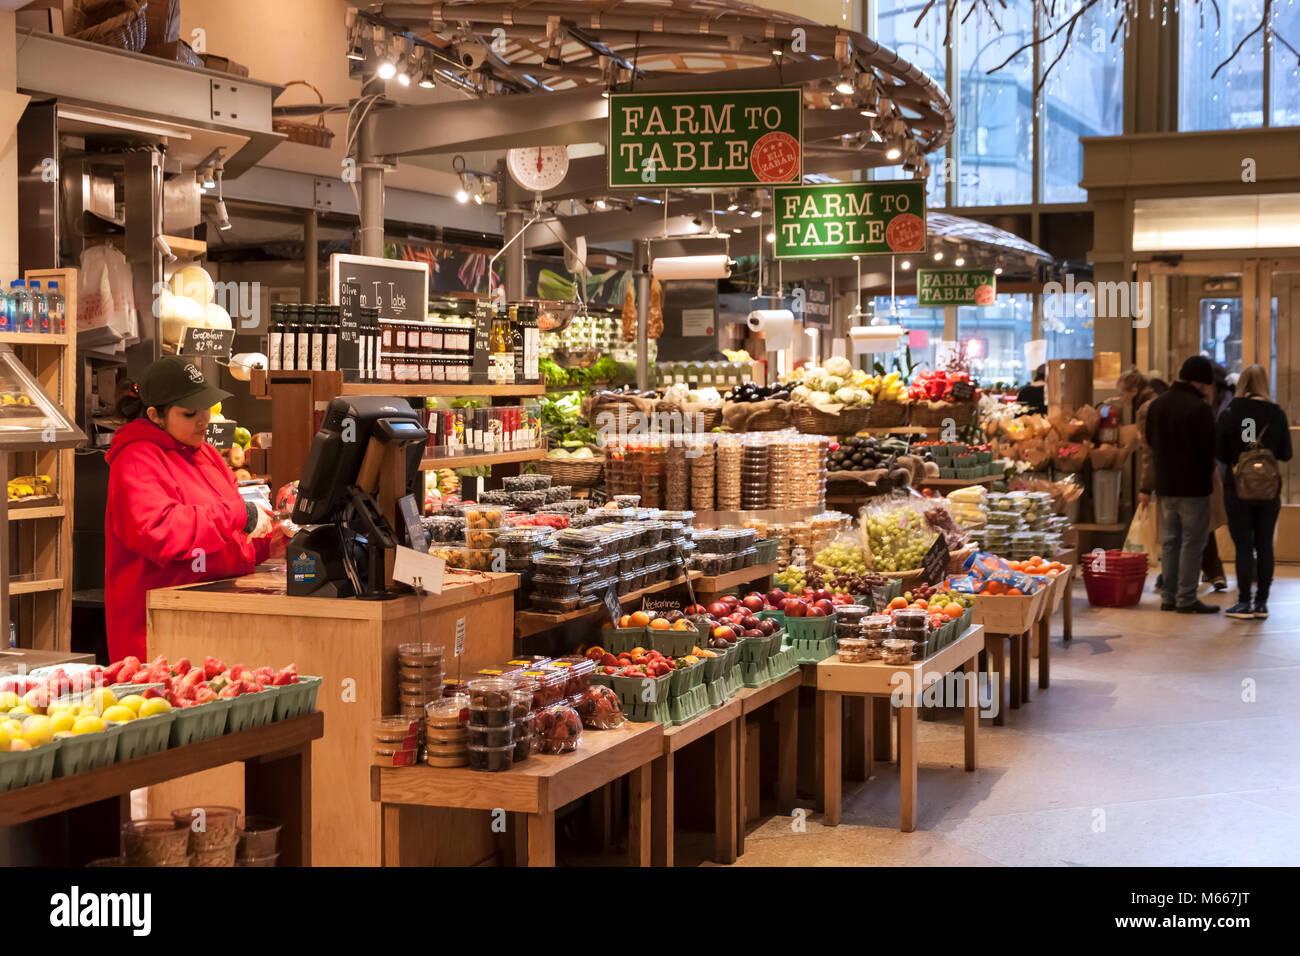 Eli Zabar's Market at Grand Central Market within the Grand Central Terminal, New York City, NY, USA. Stock Photo